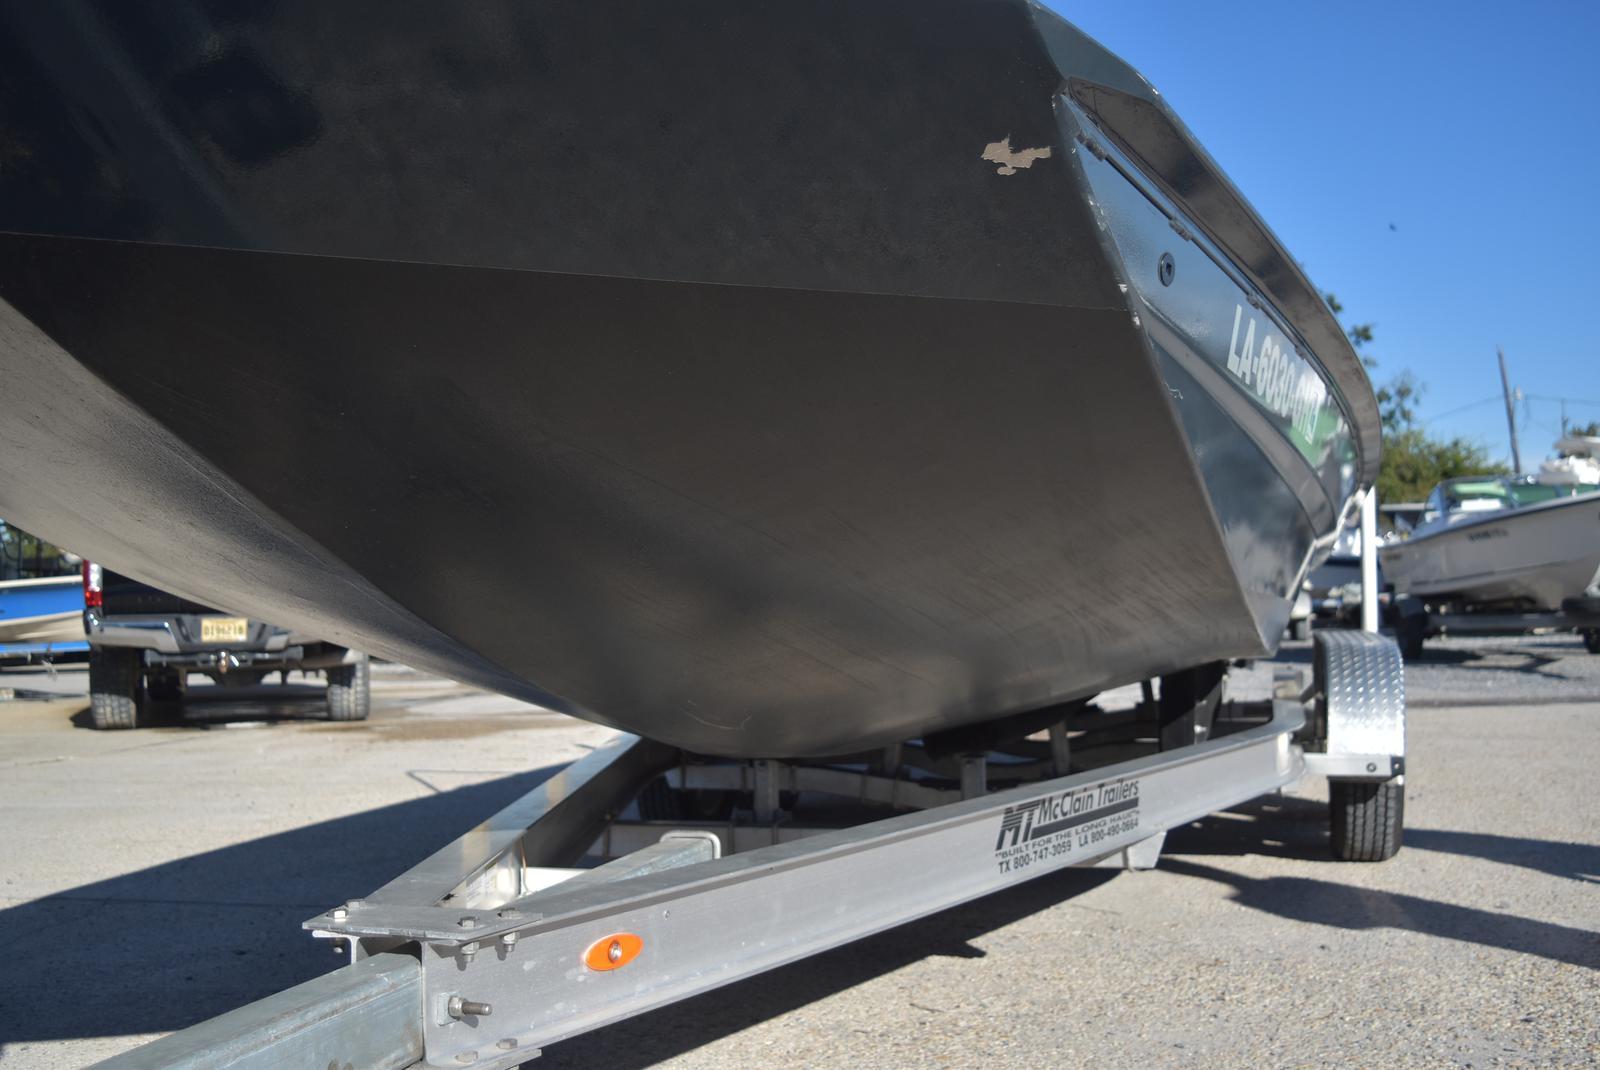 New  2018 Swamp Shark Boats Center Console in Marrero, Louisiana